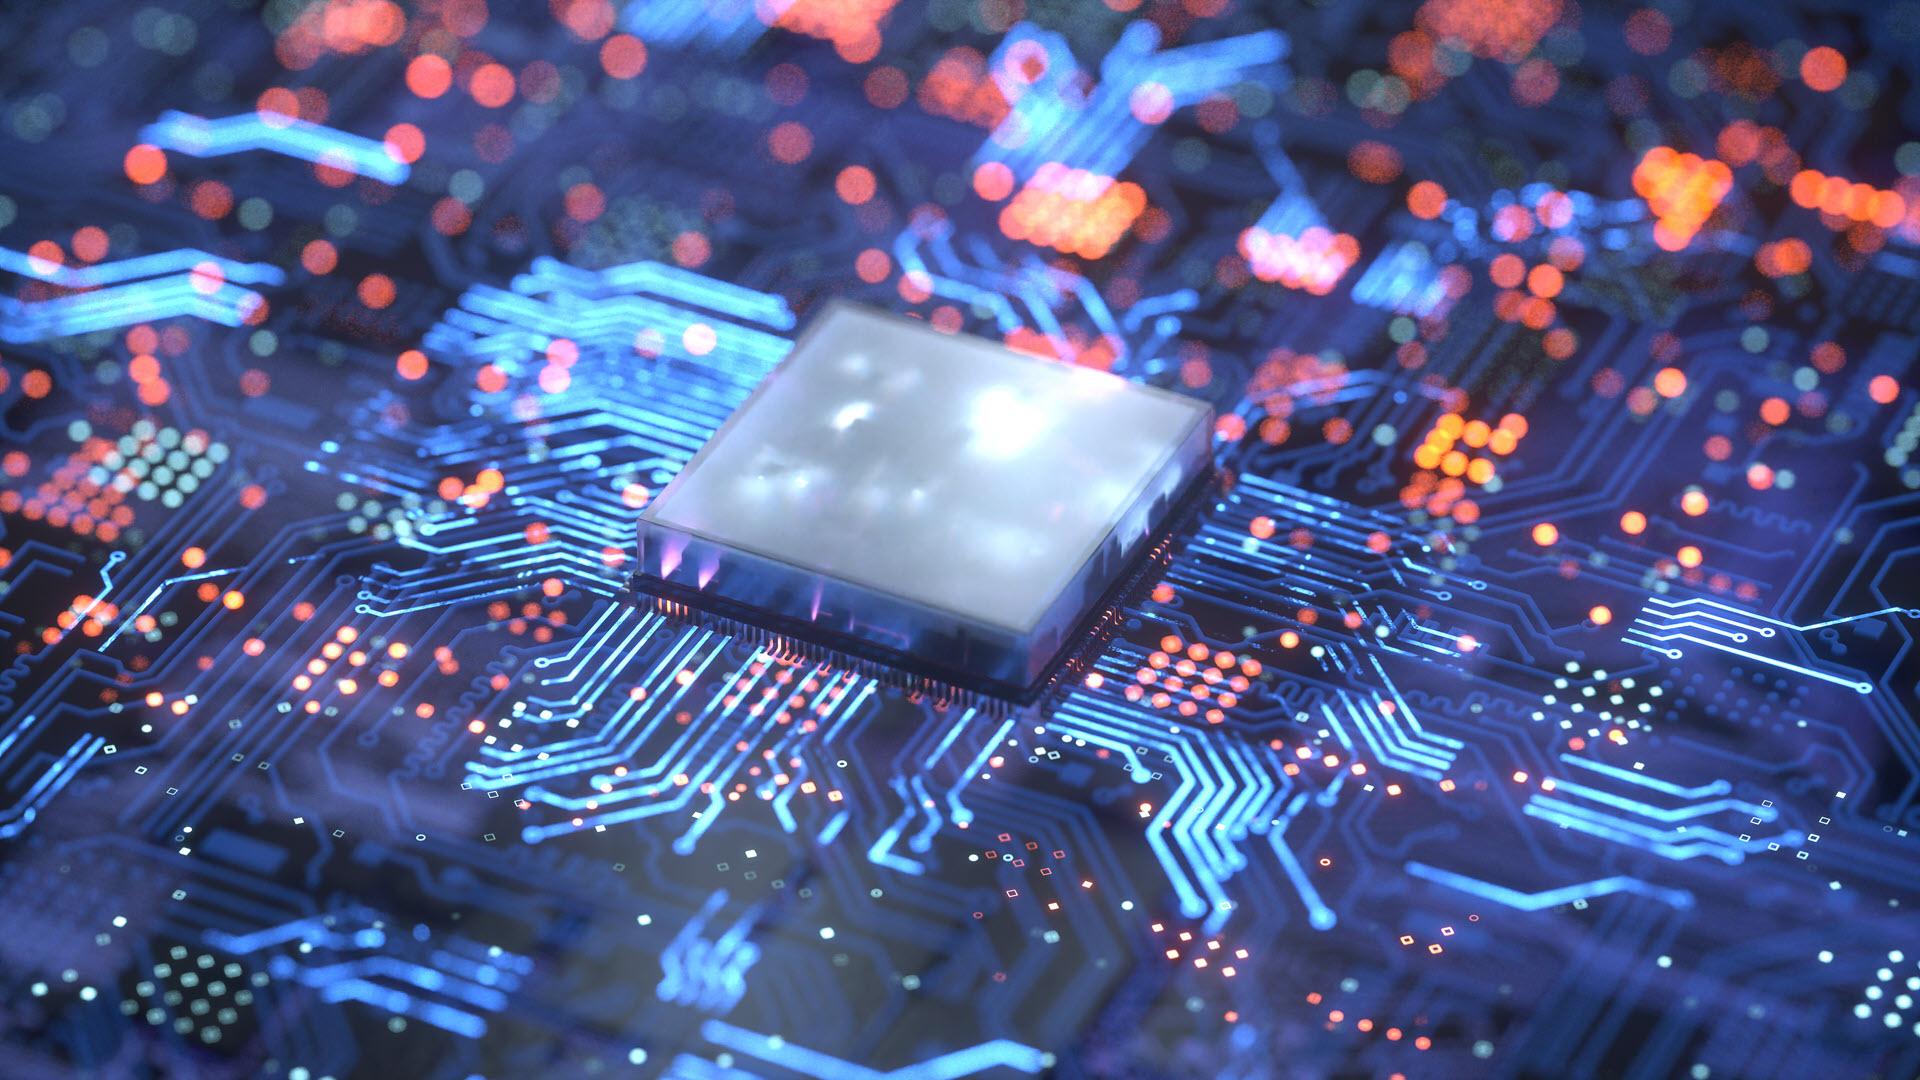 雷曼光电新型Micro LED超高清显示屏量产 市场销量持续攀升